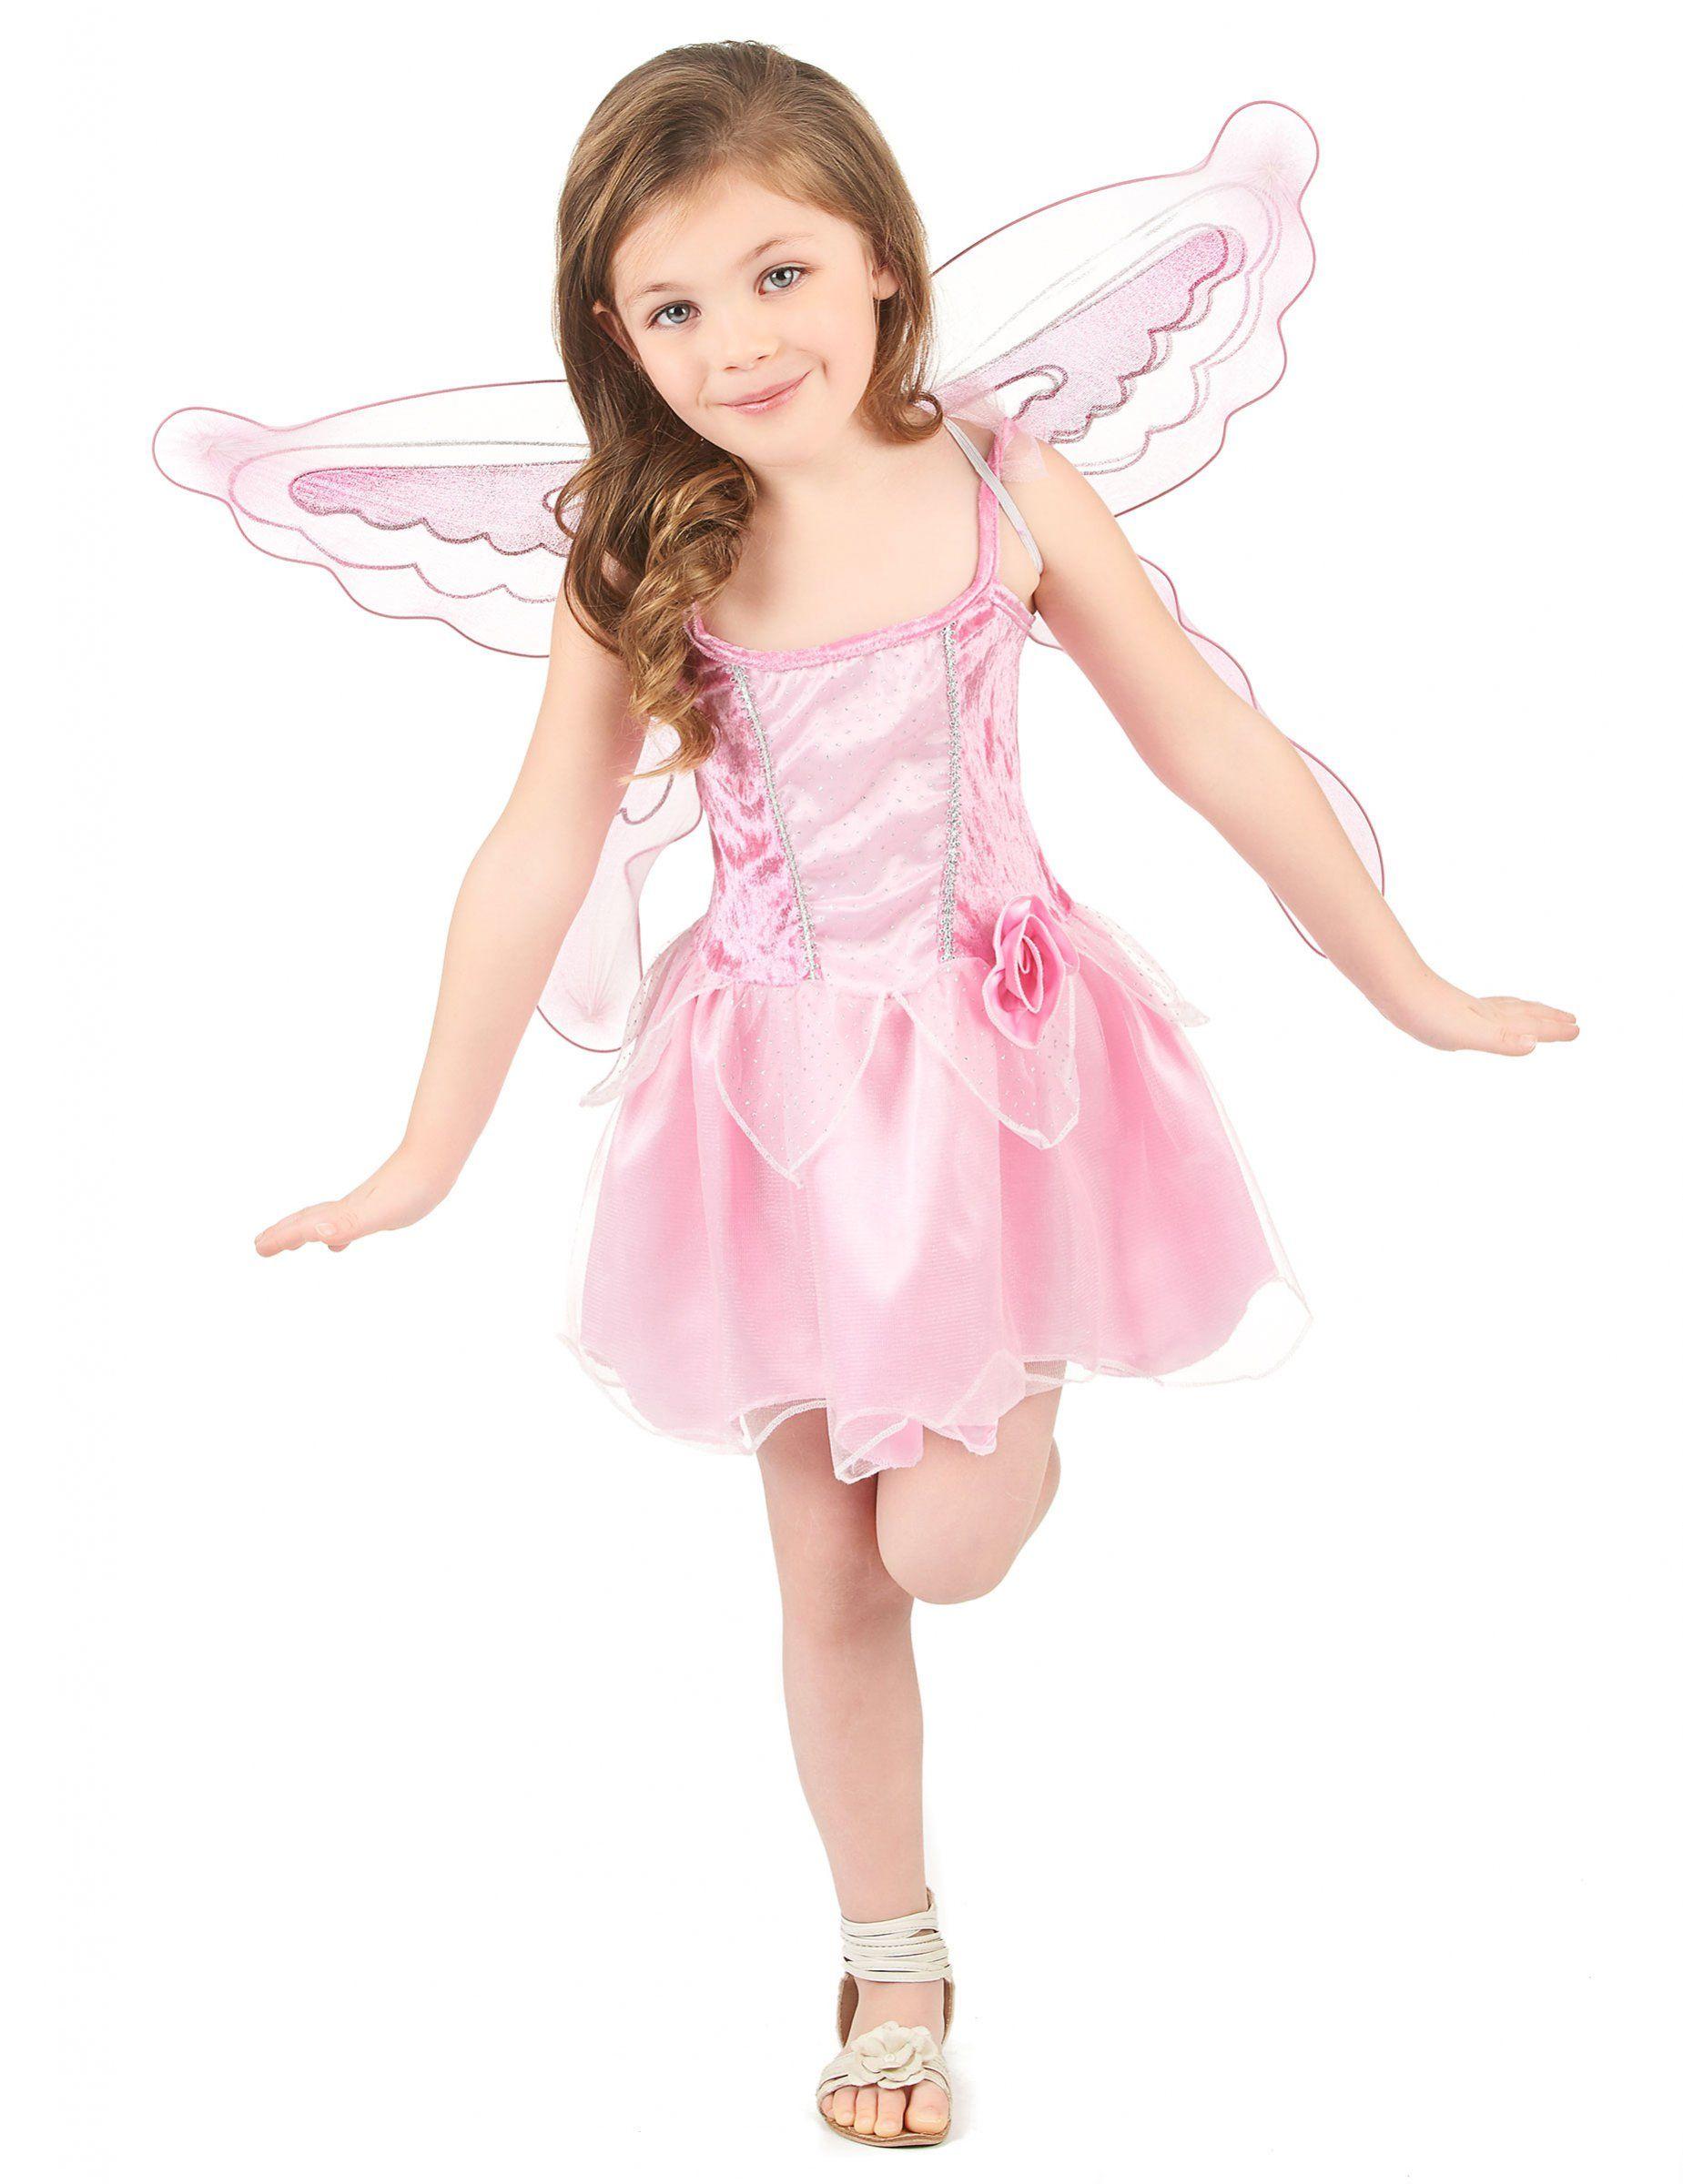 Disfraz hada mariposa niña | Disfraz hada, Disfraz de hades y Color rosa